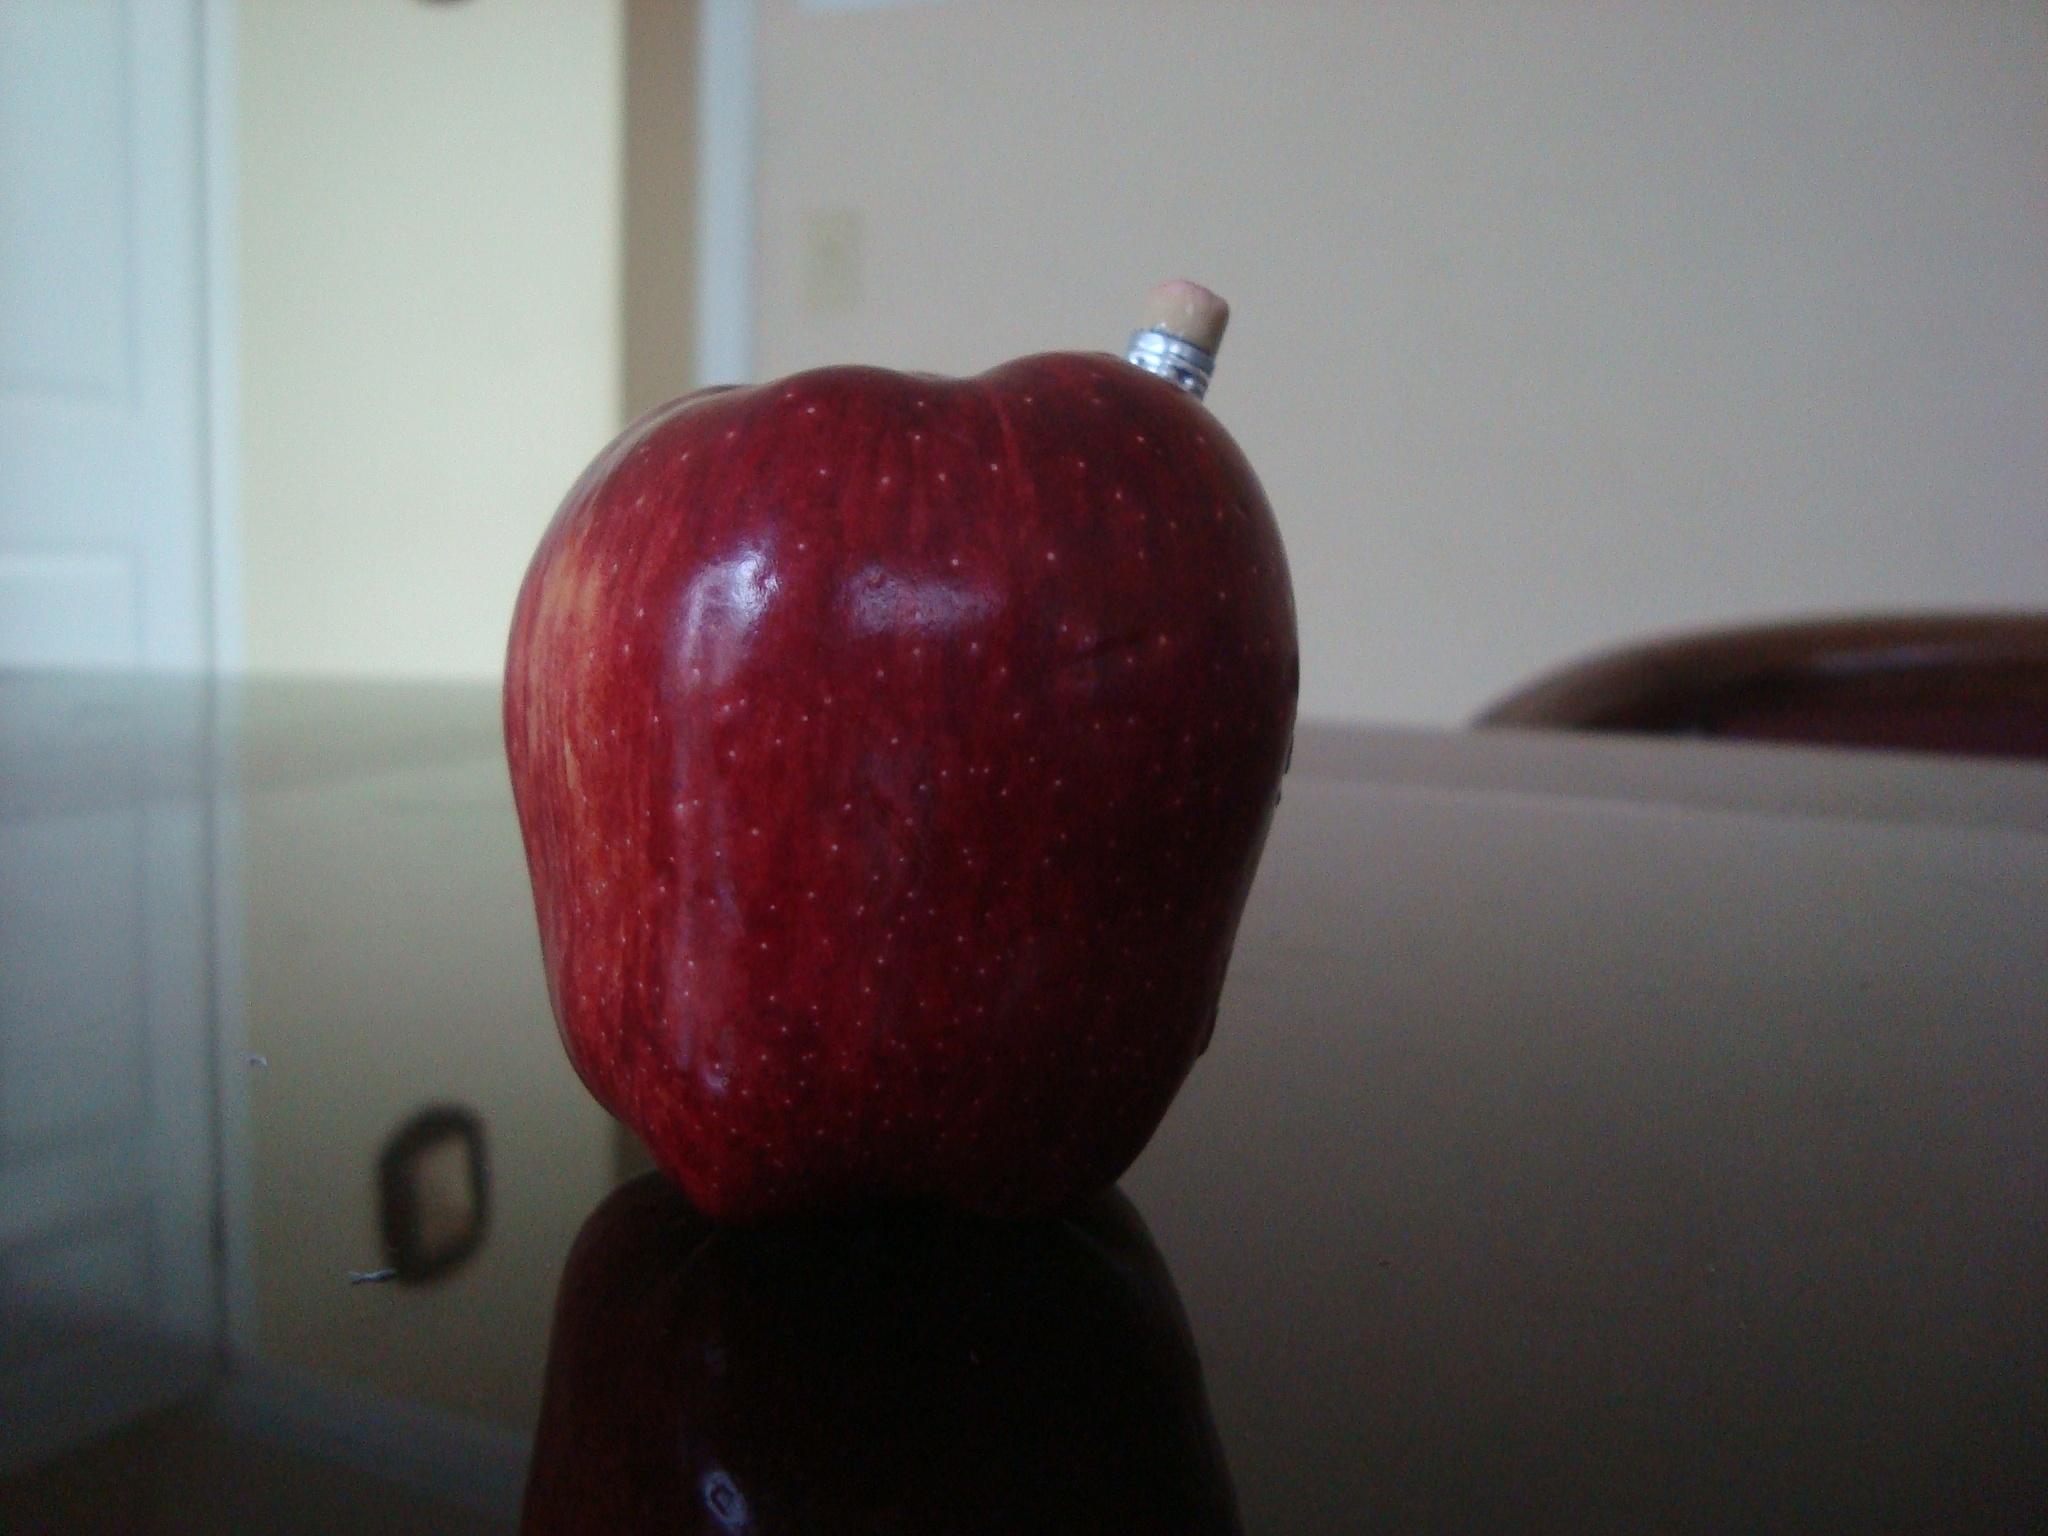 Apple by Nahtepanou